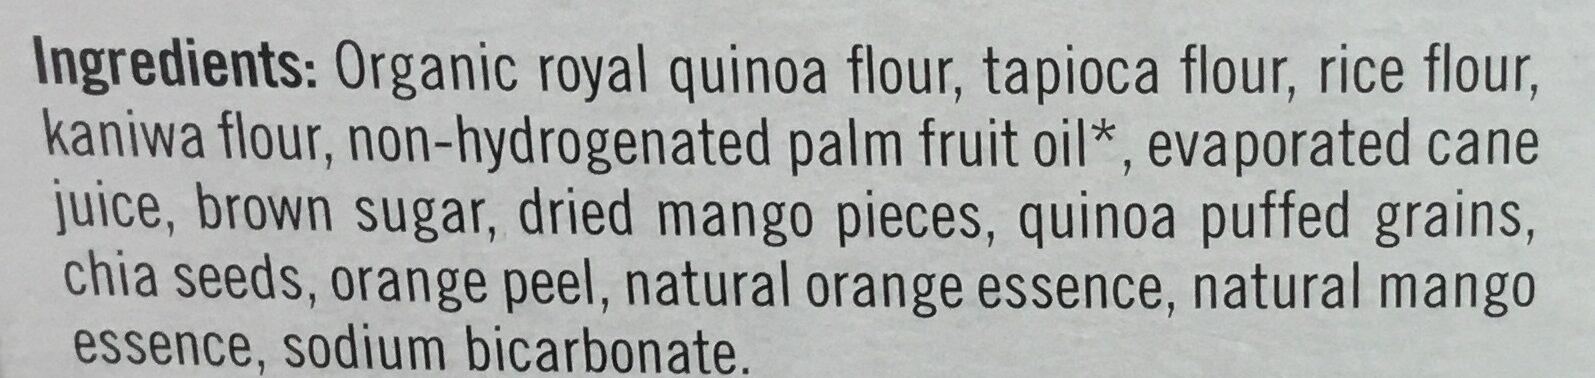 Biscuit de quinoa cookies orange et mangue - Ingredients - en